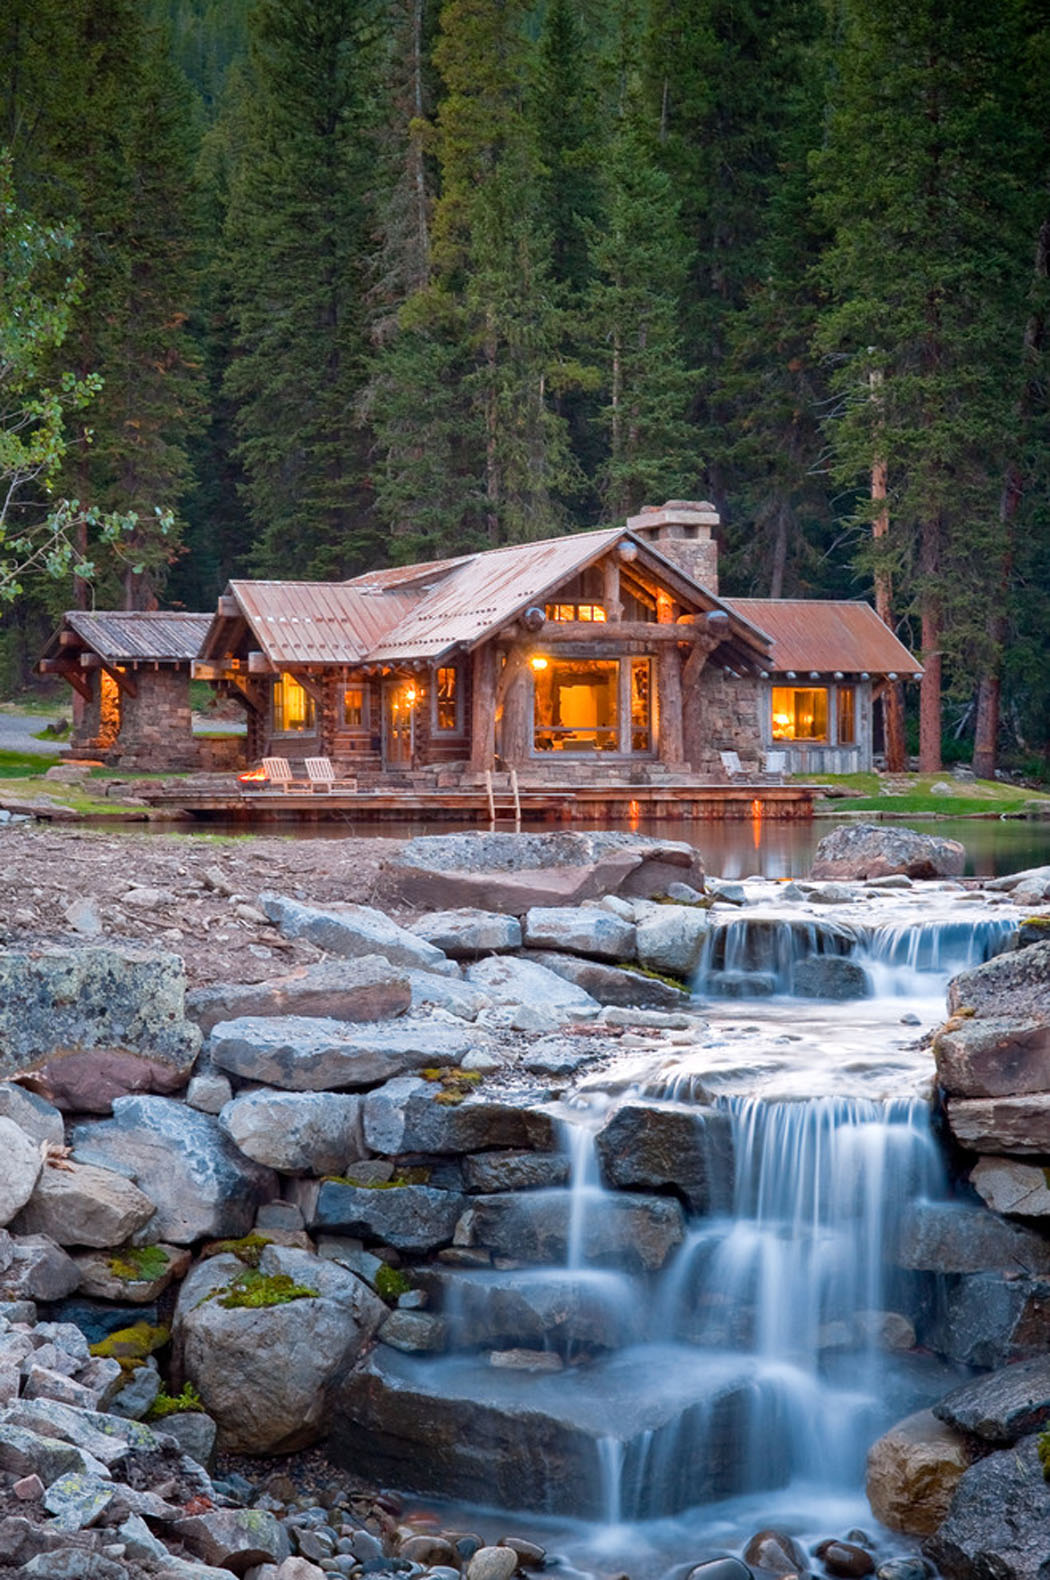 Belle maison rustique situ e au c ur d un paysage de - Vacances a la montagne villa rustique aspen ...